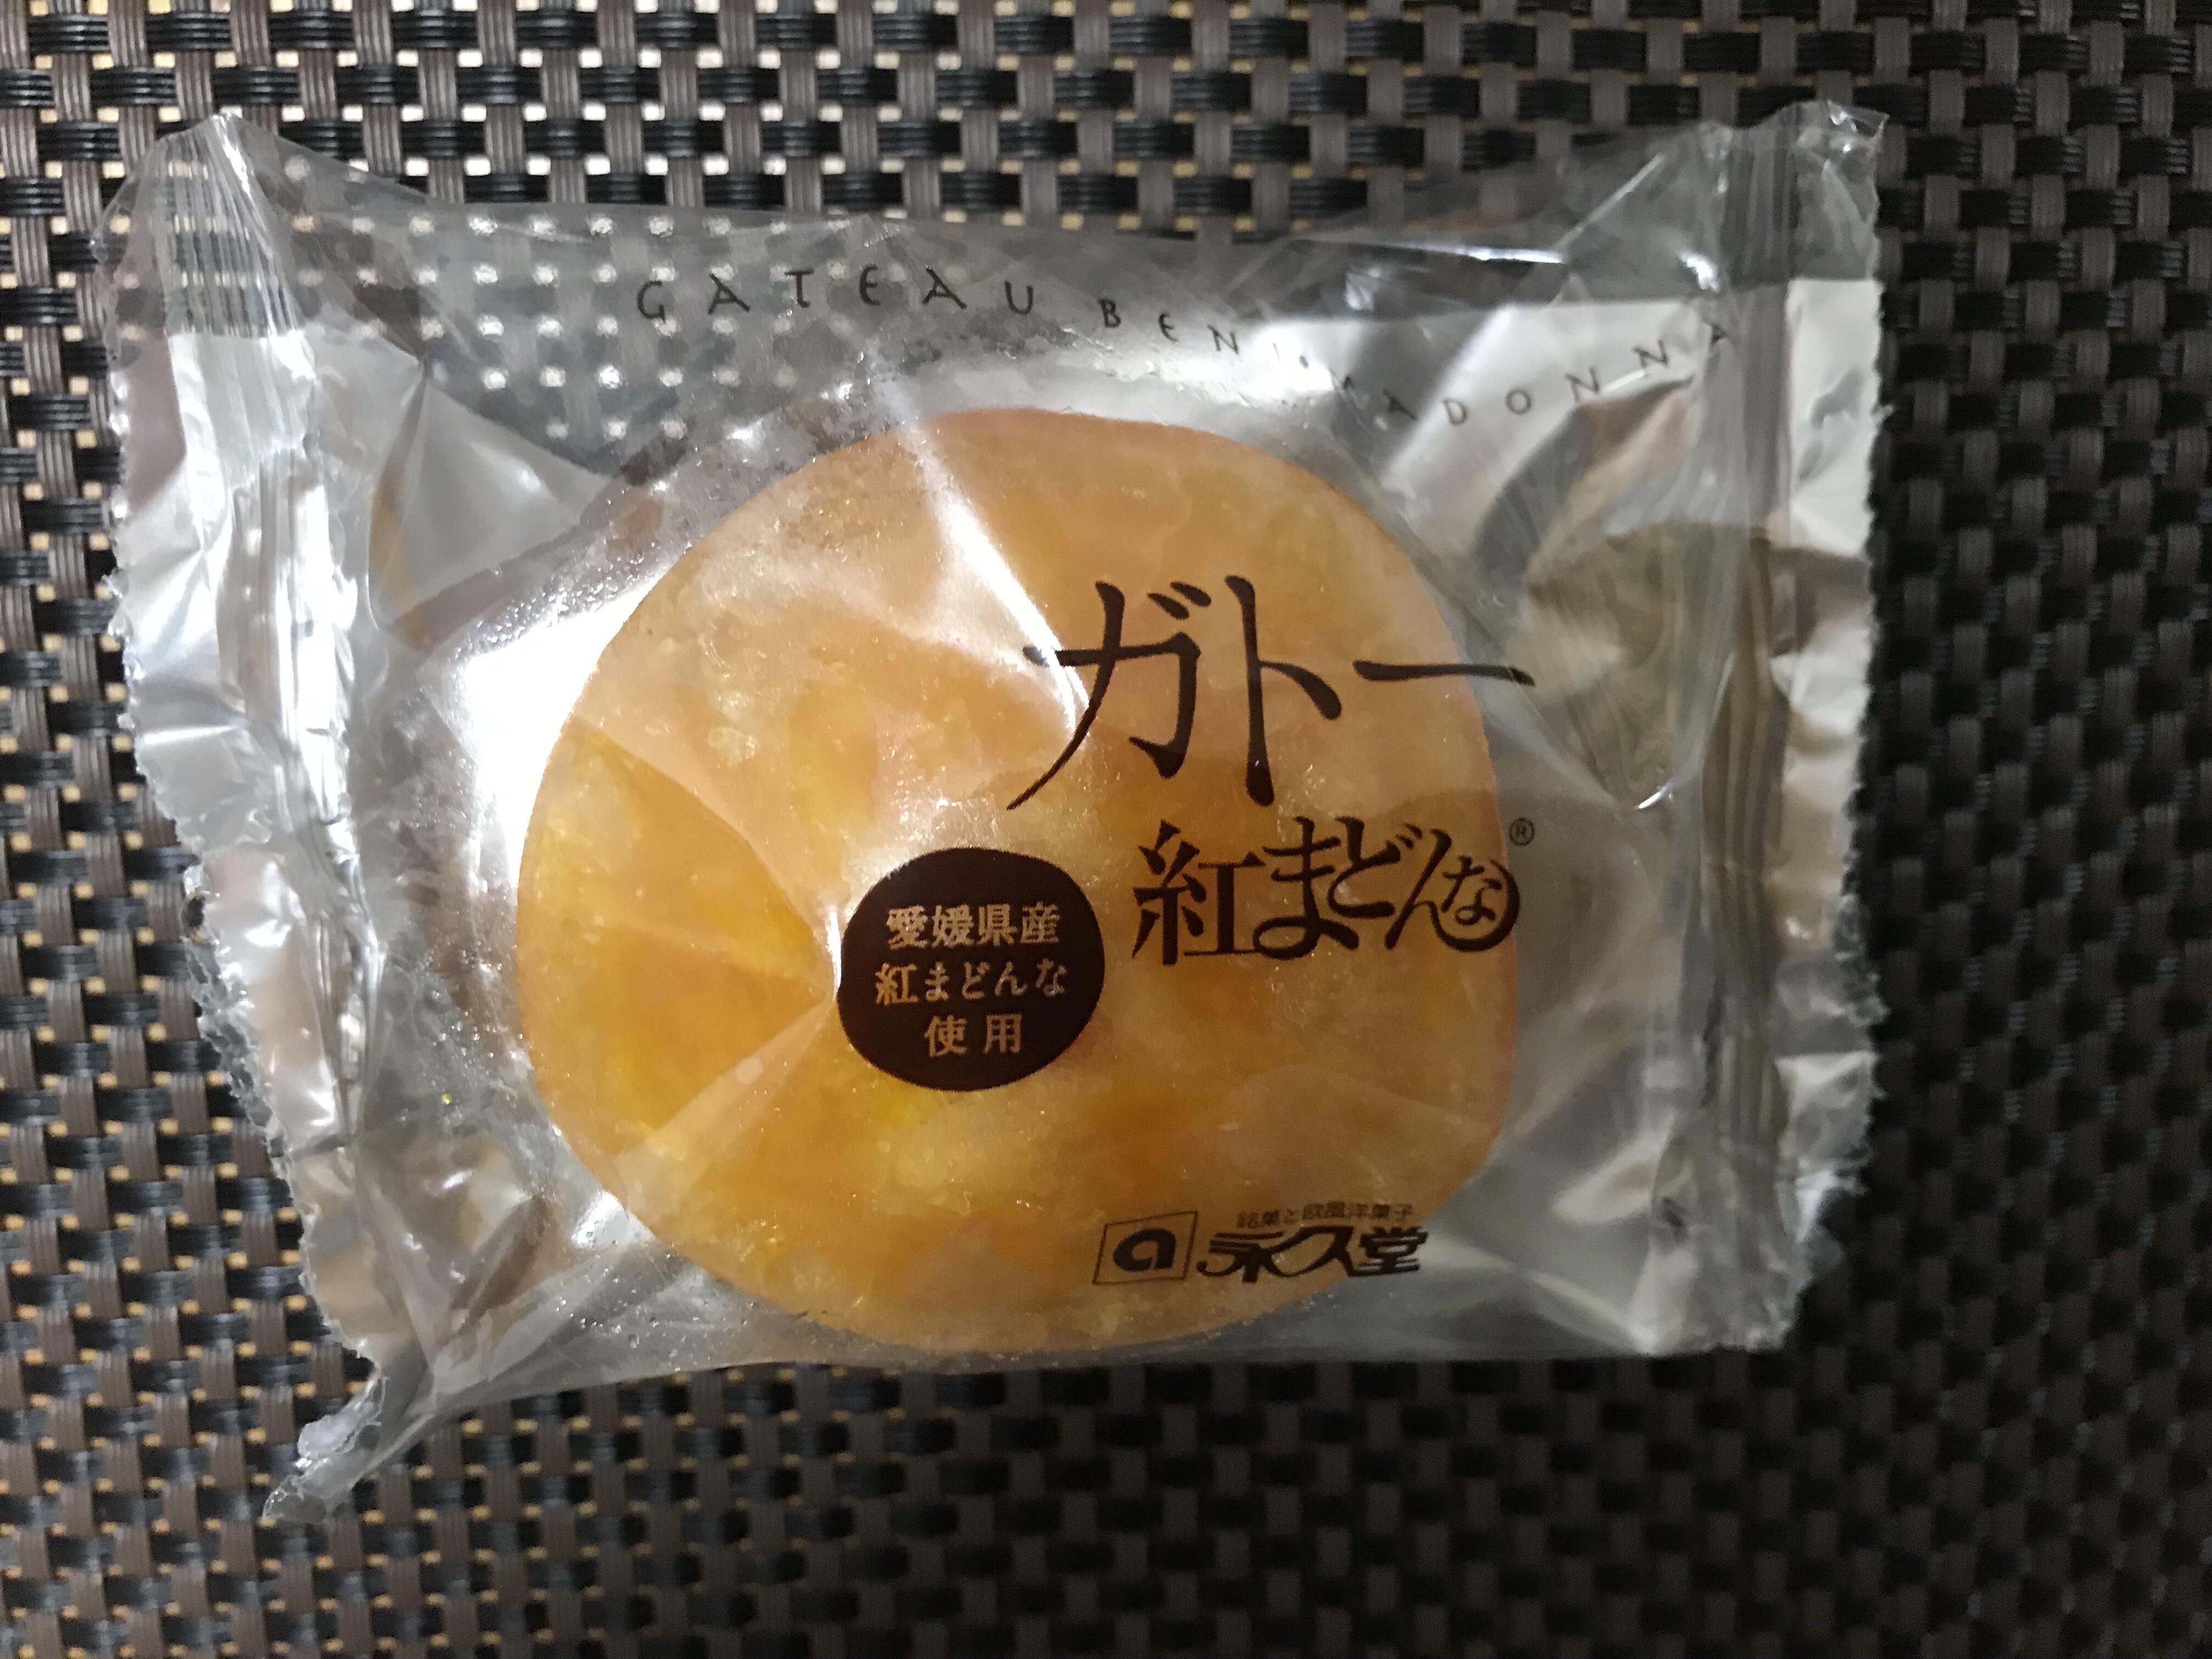 トロける食感で人気の柑橘をふんだんに使用!「ガトー紅まどんな」を買いに「永久堂」に行ってきました!